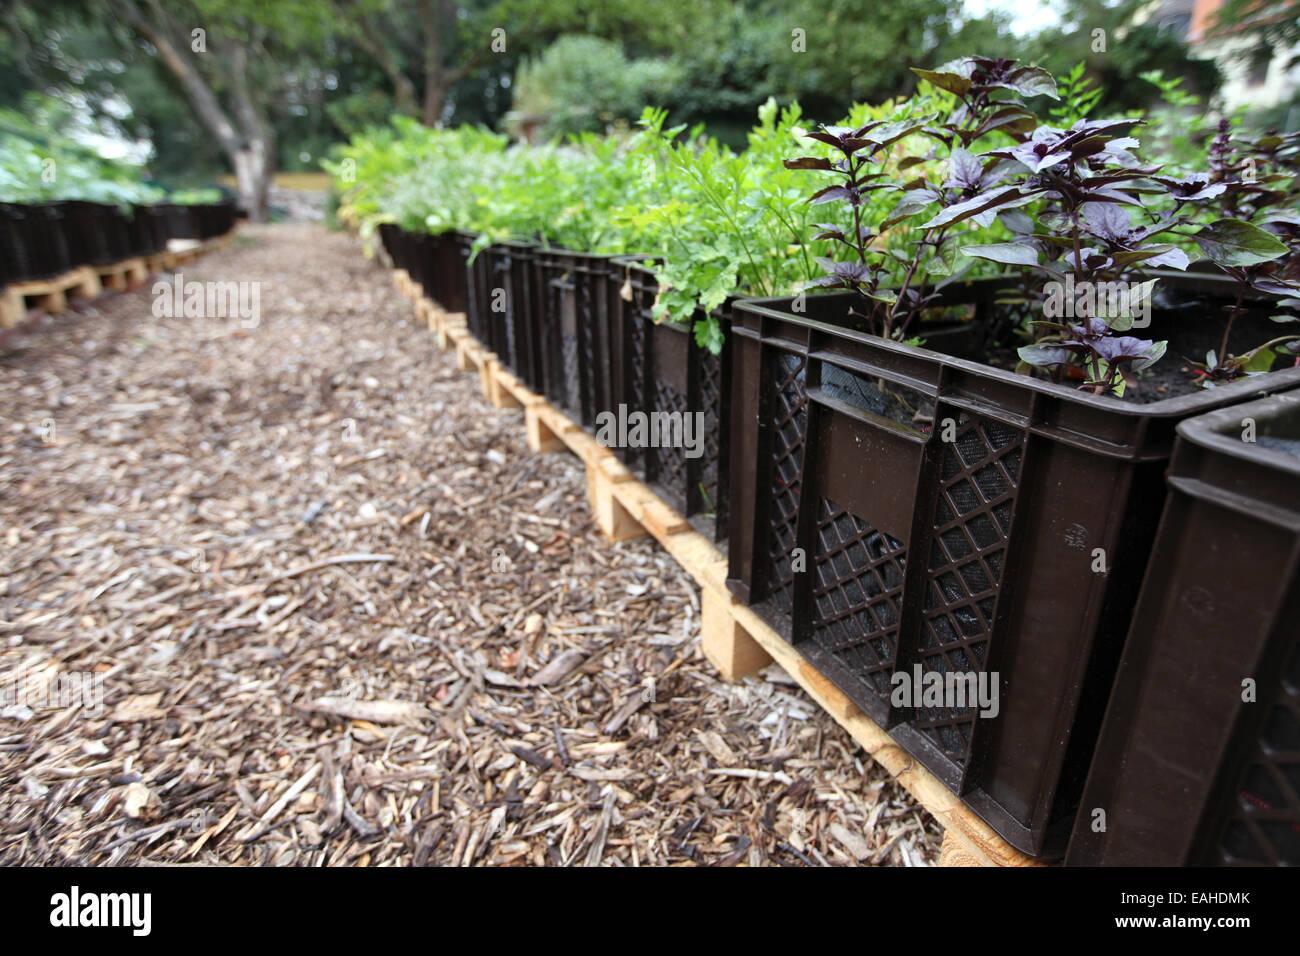 Verde y violeta de albahaca y otras verduras cultivadas en planta de cajas en un proyecto de horticultura urbana Foto de stock